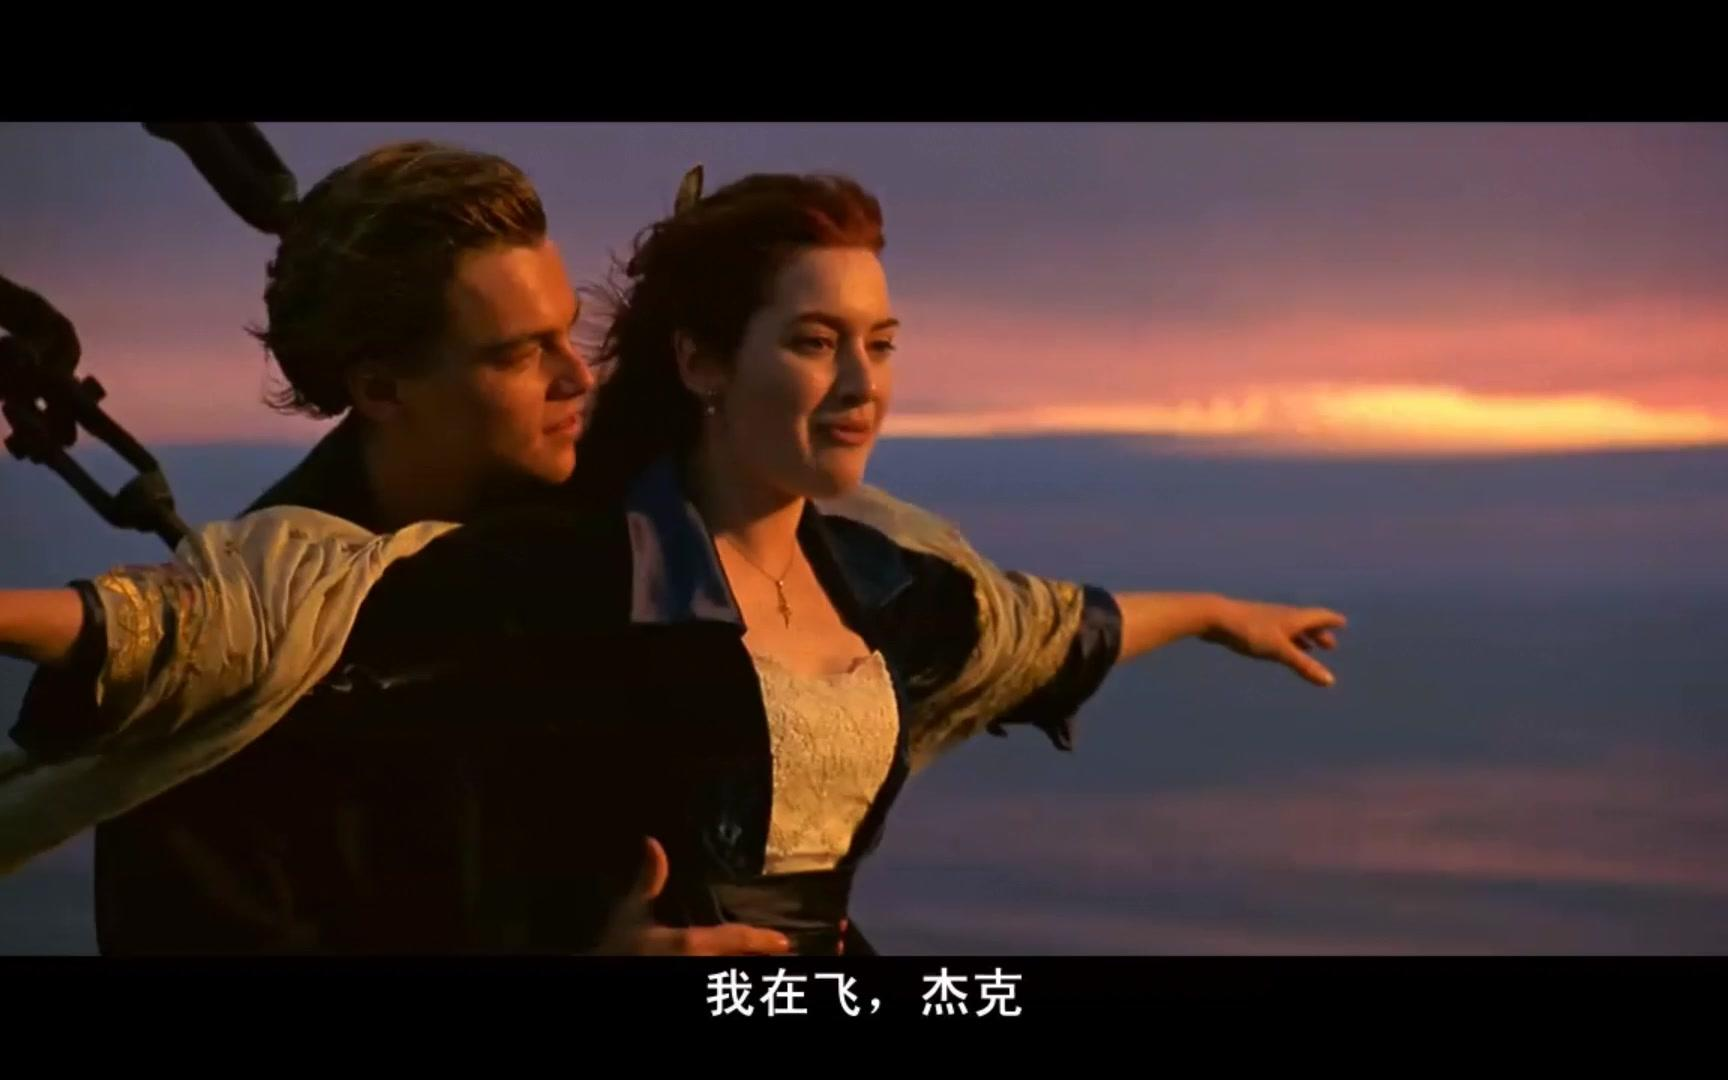 国剧情_自制titanic泰坦尼克号经典剧情合集剪辑1080p